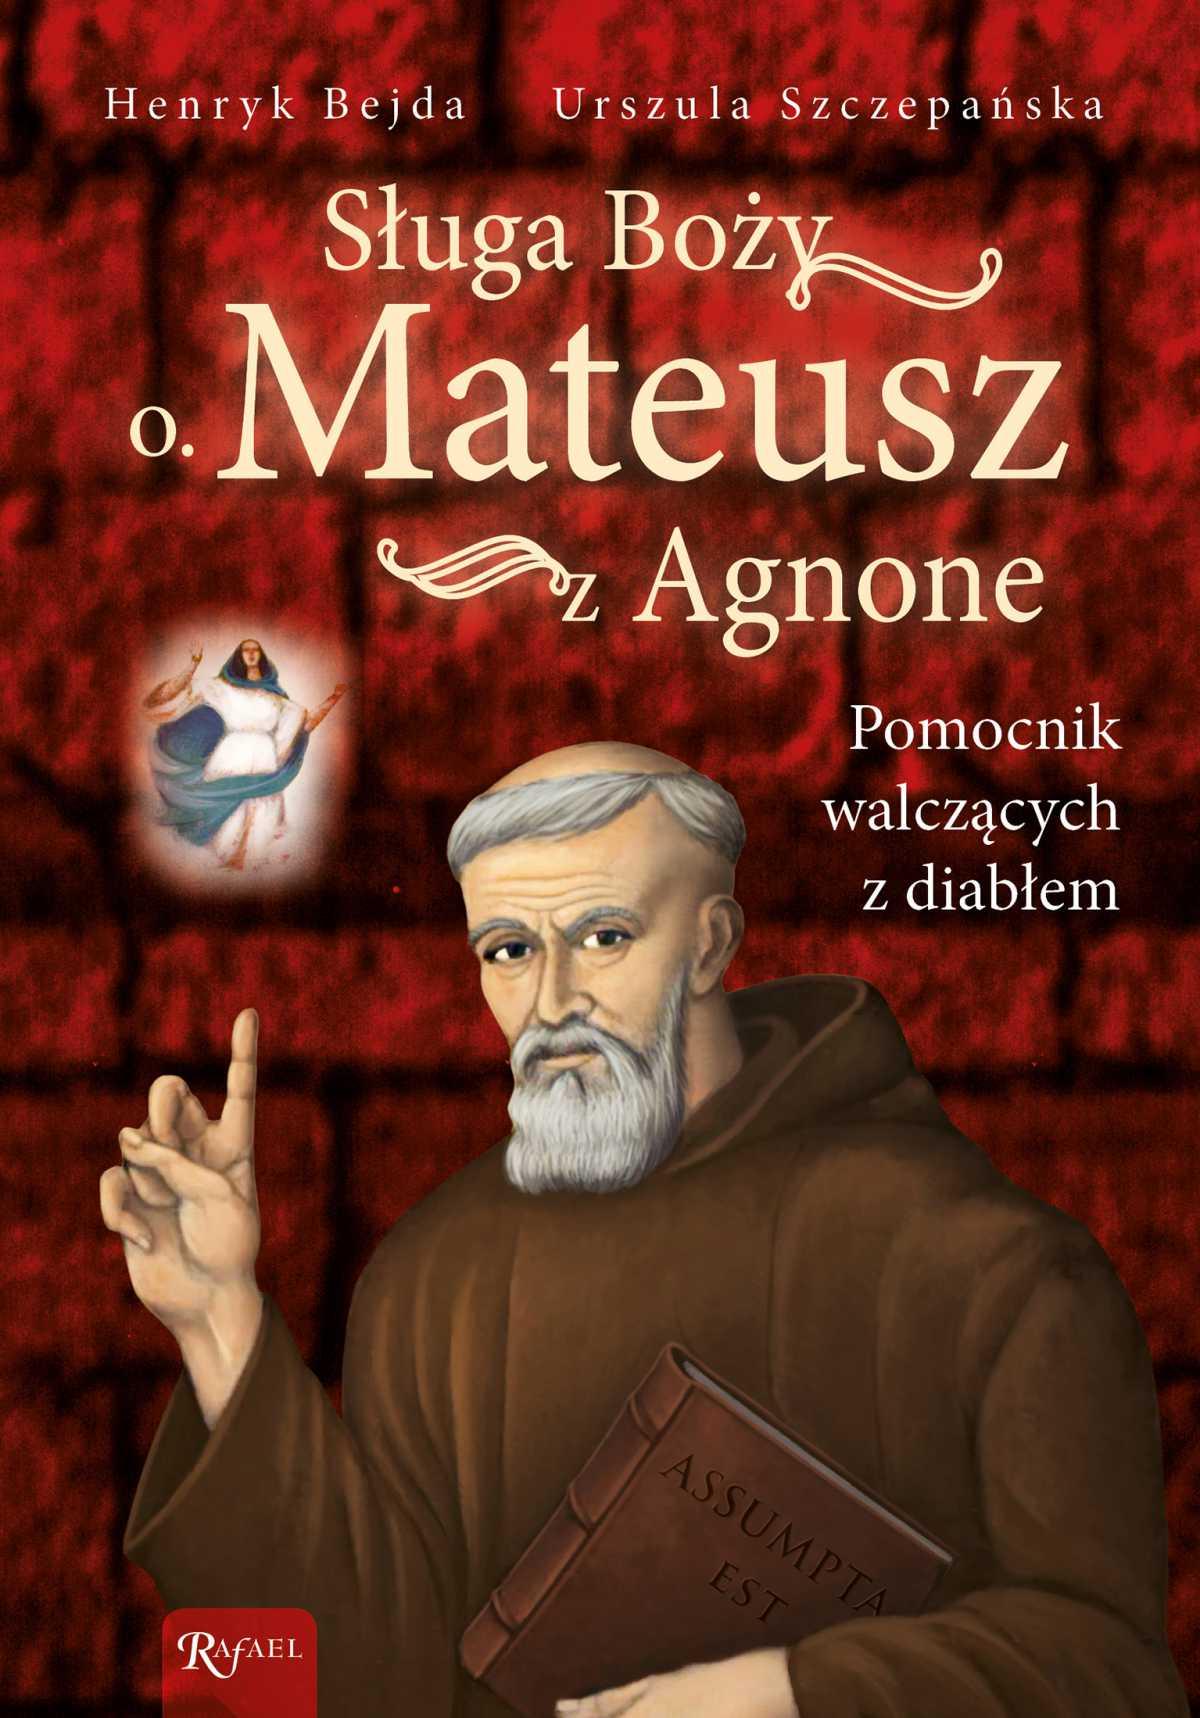 Sługa Boży o. Mateusz z Agnone - Ebook (Książka na Kindle) do pobrania w formacie MOBI